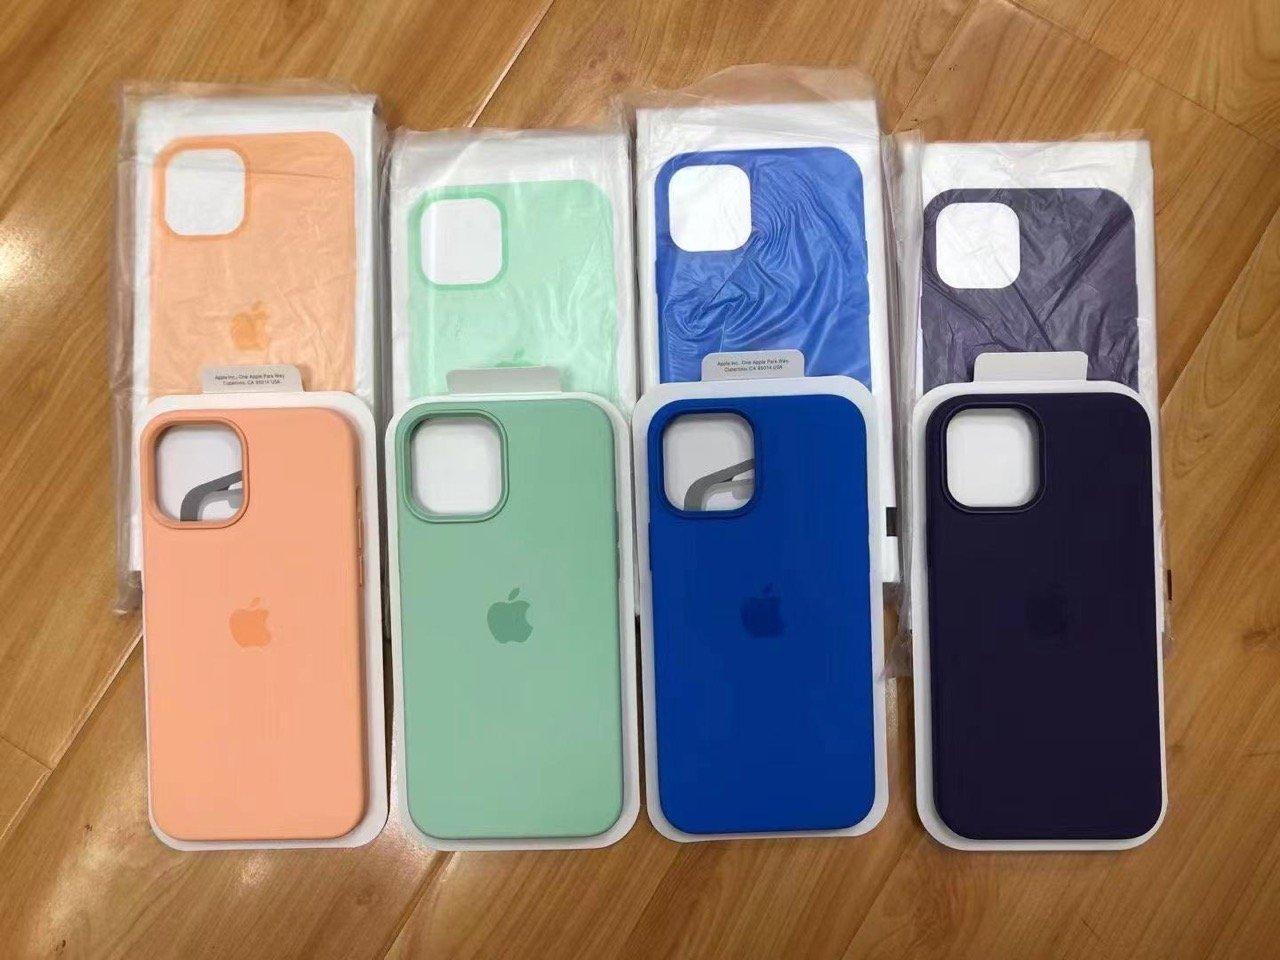 iPhone 12、2021年春の純正新色ケースが流出。ミントなど4色か